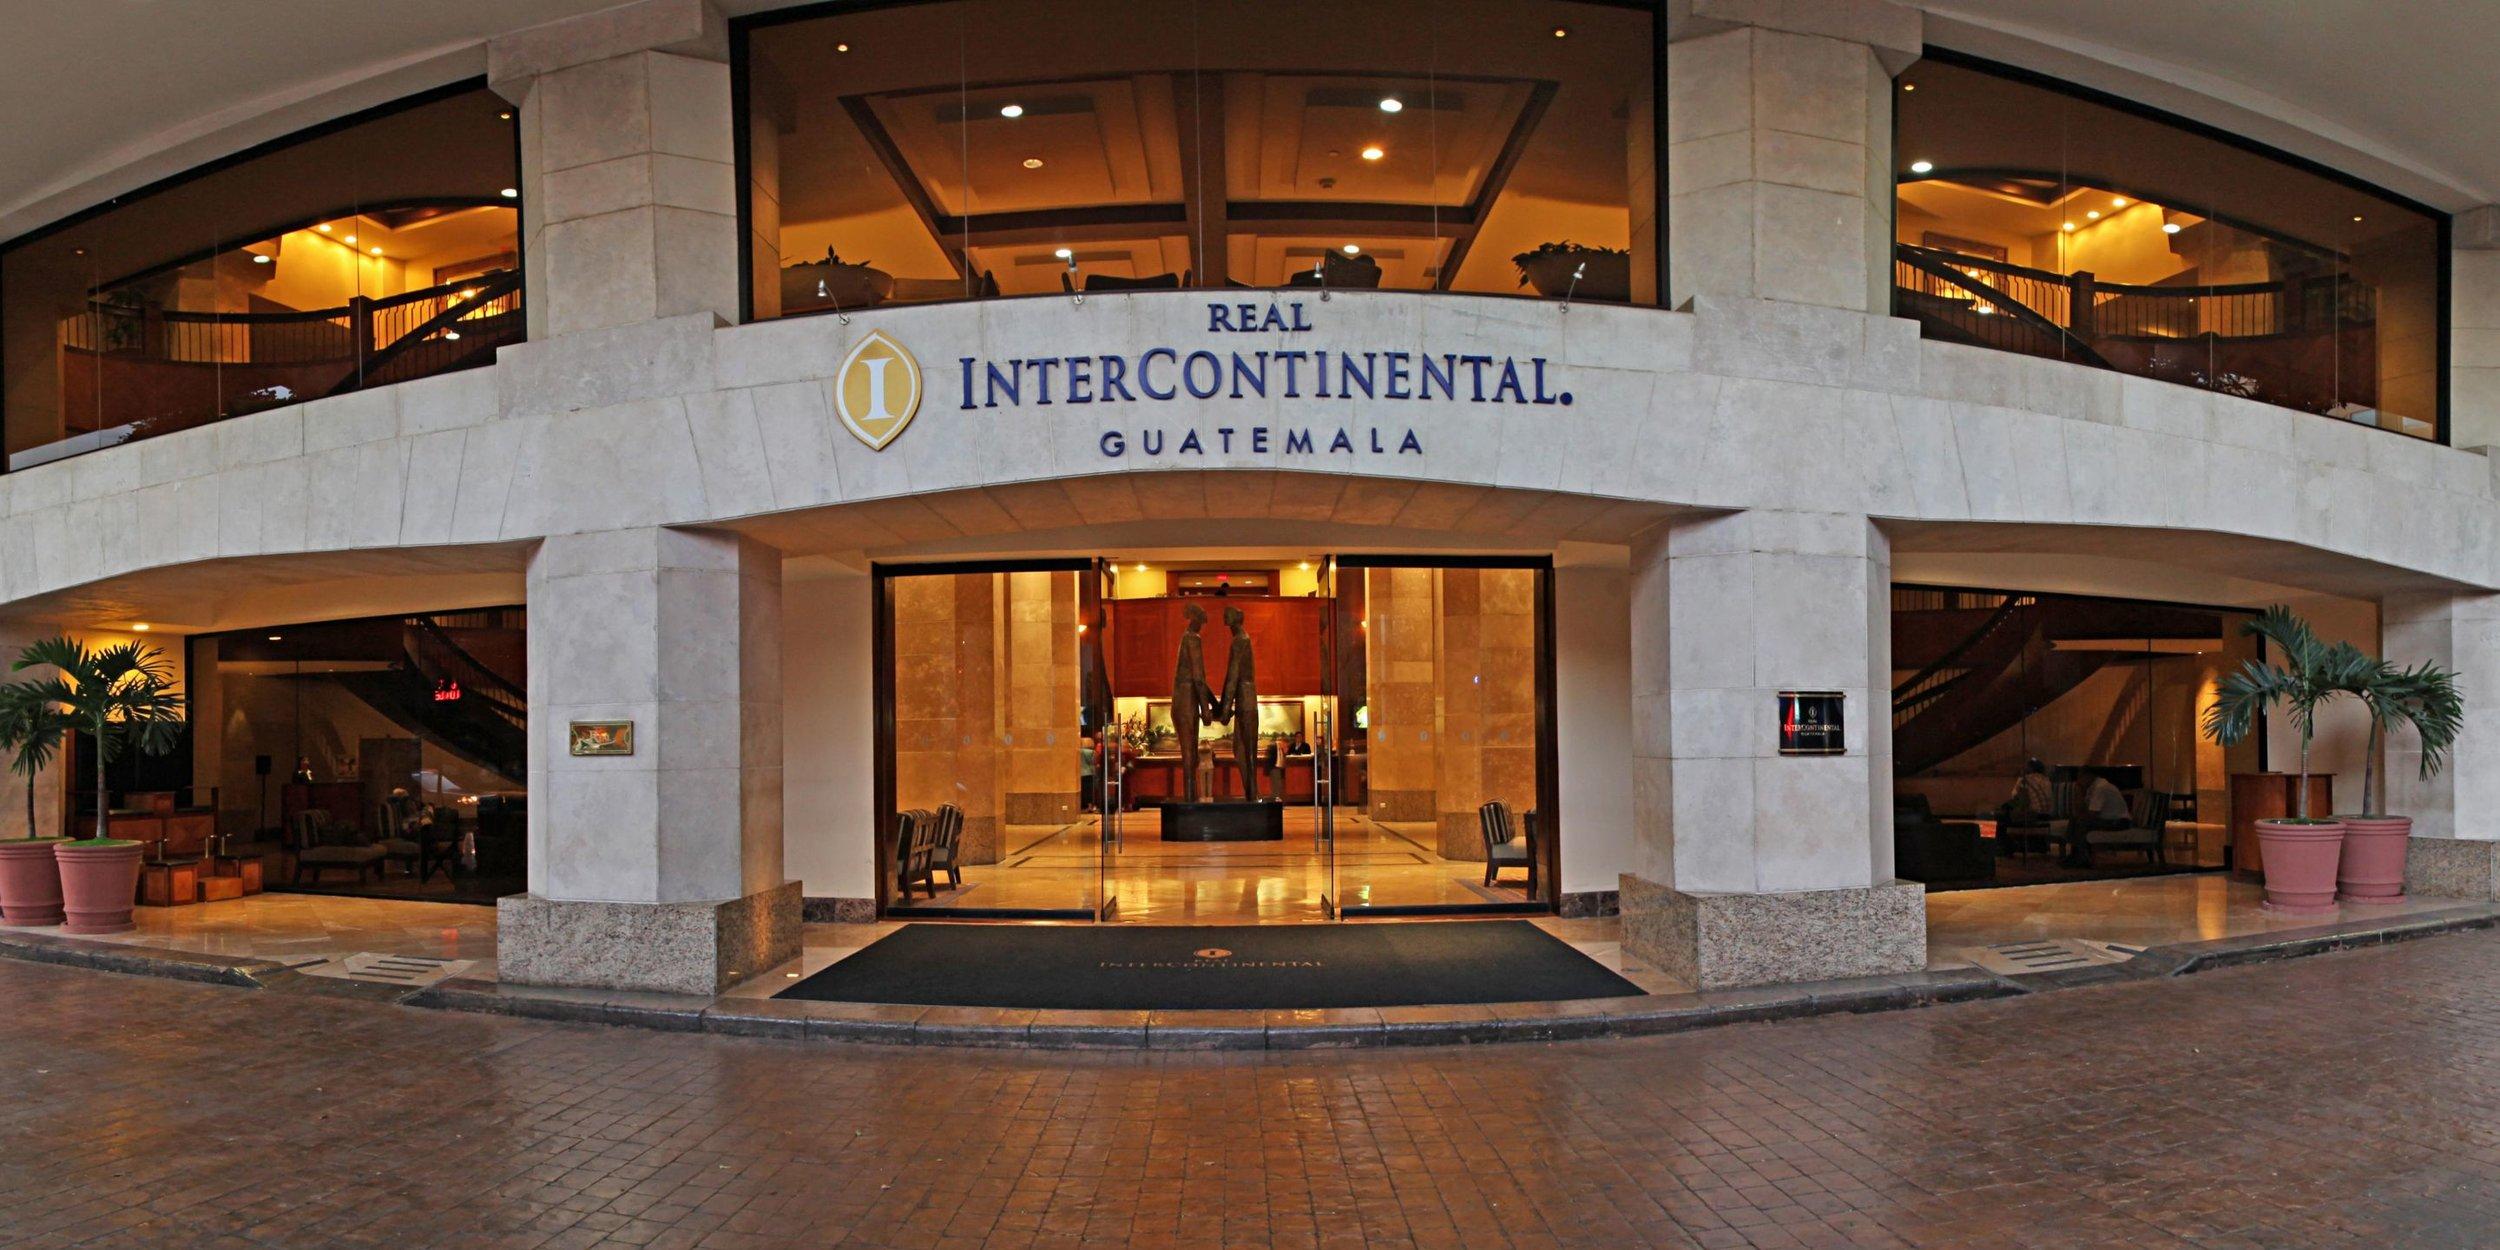 intercontinental-guatemala-city-4083128511-2x1.jpeg